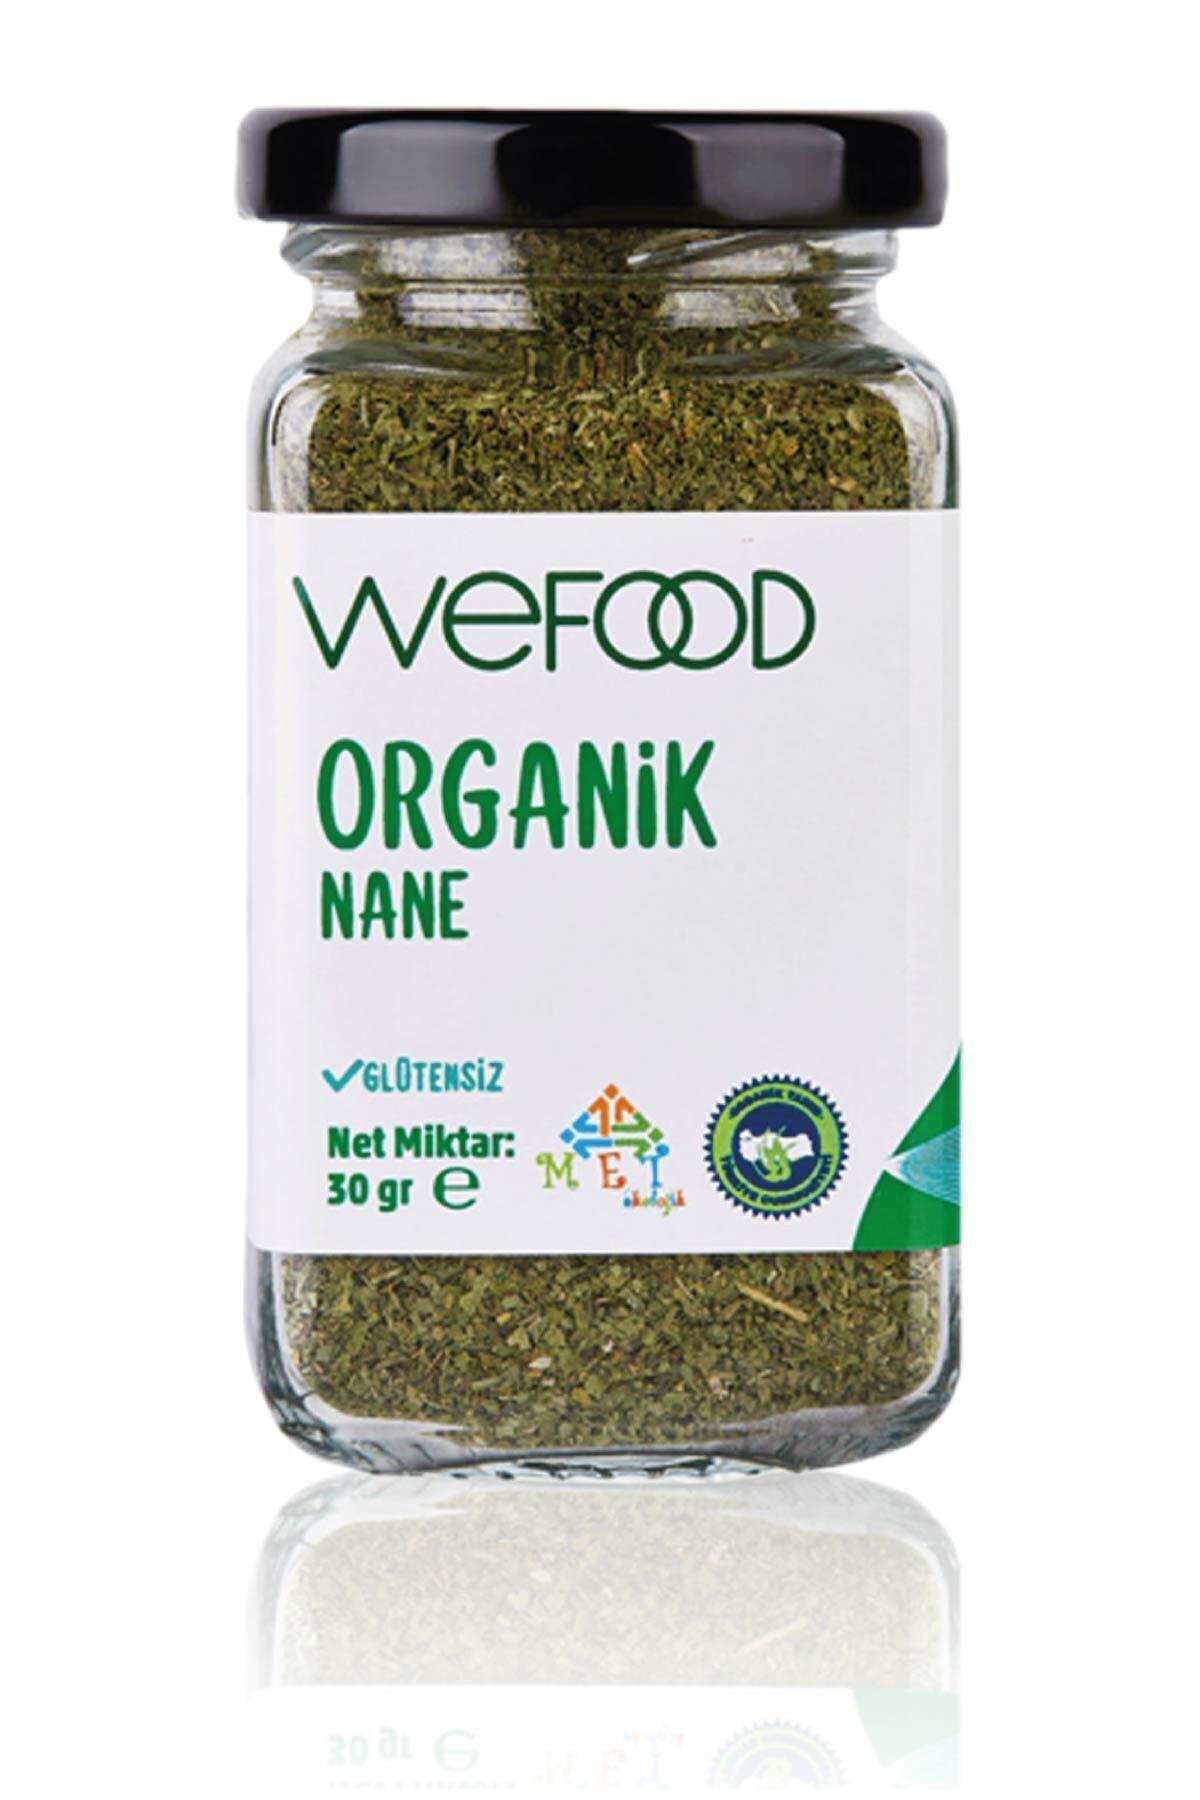 Wefood Organik Nane 30 gr 1